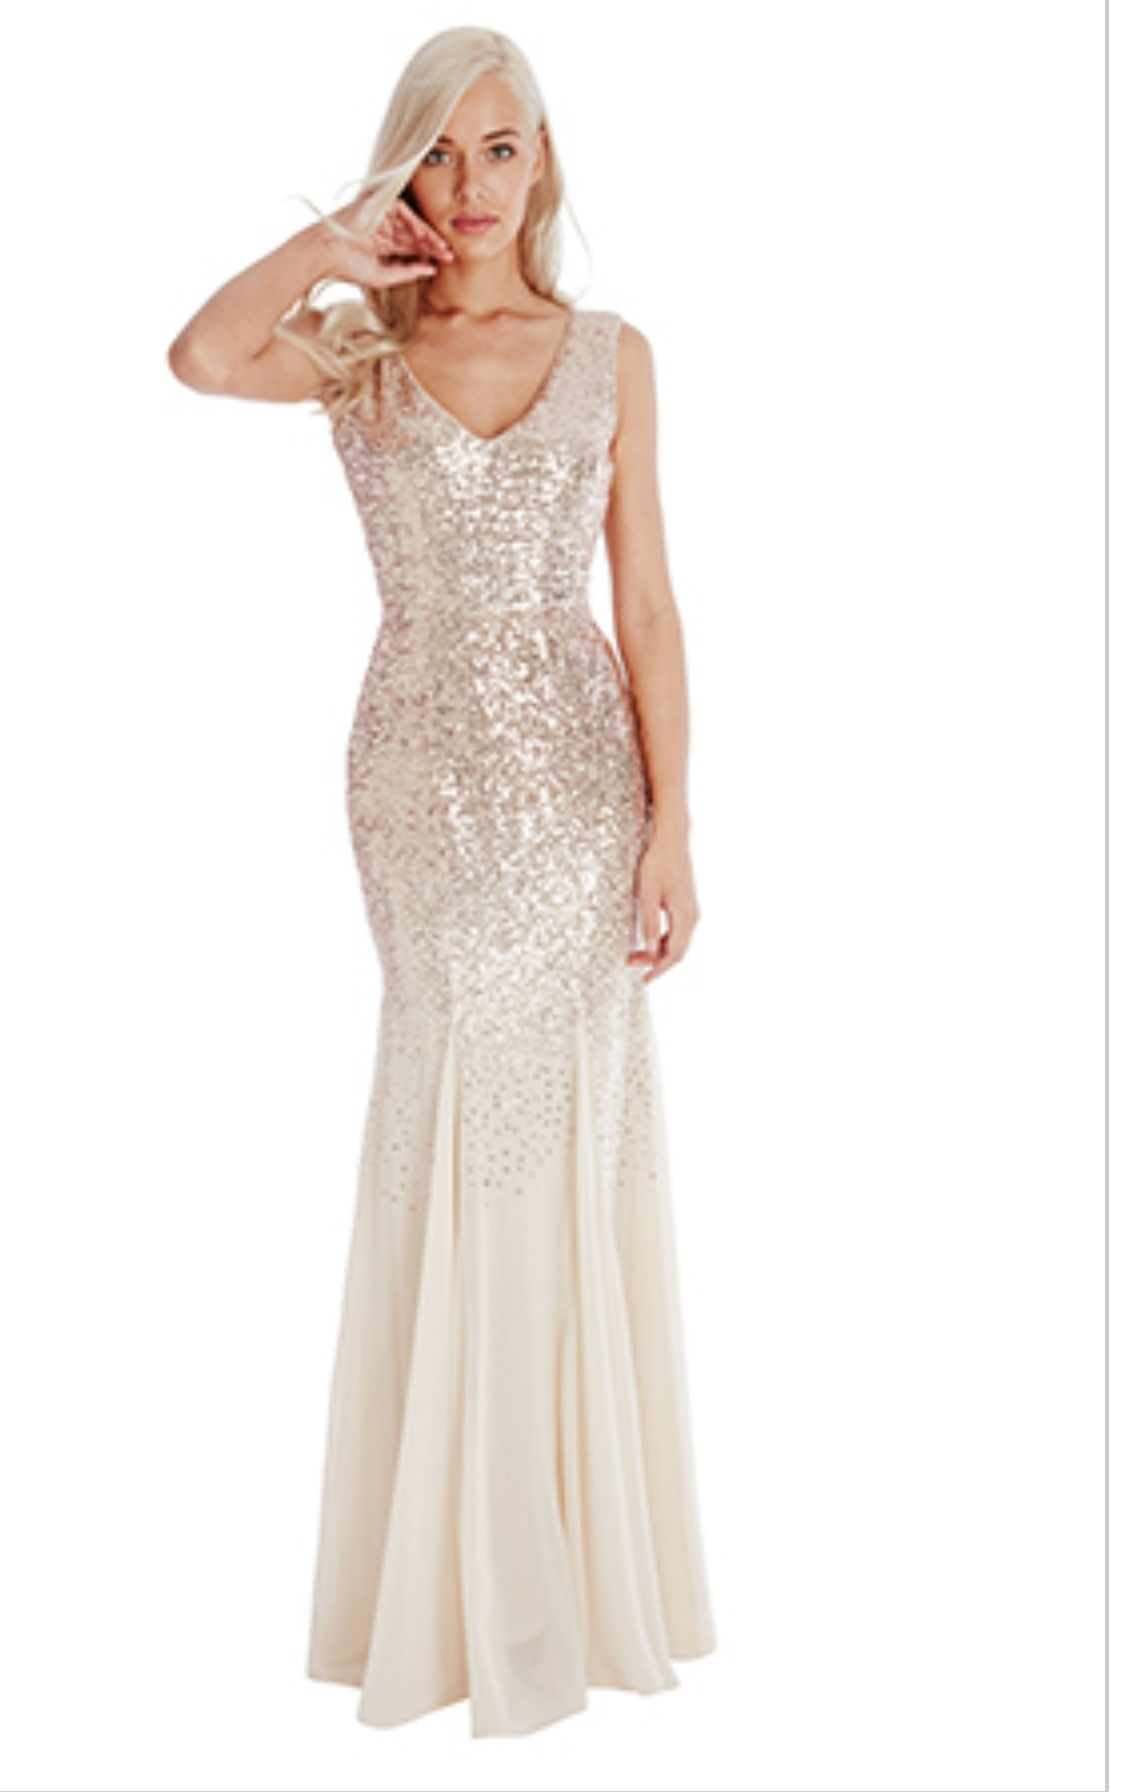 Champagne/cream sequinned floor length dress